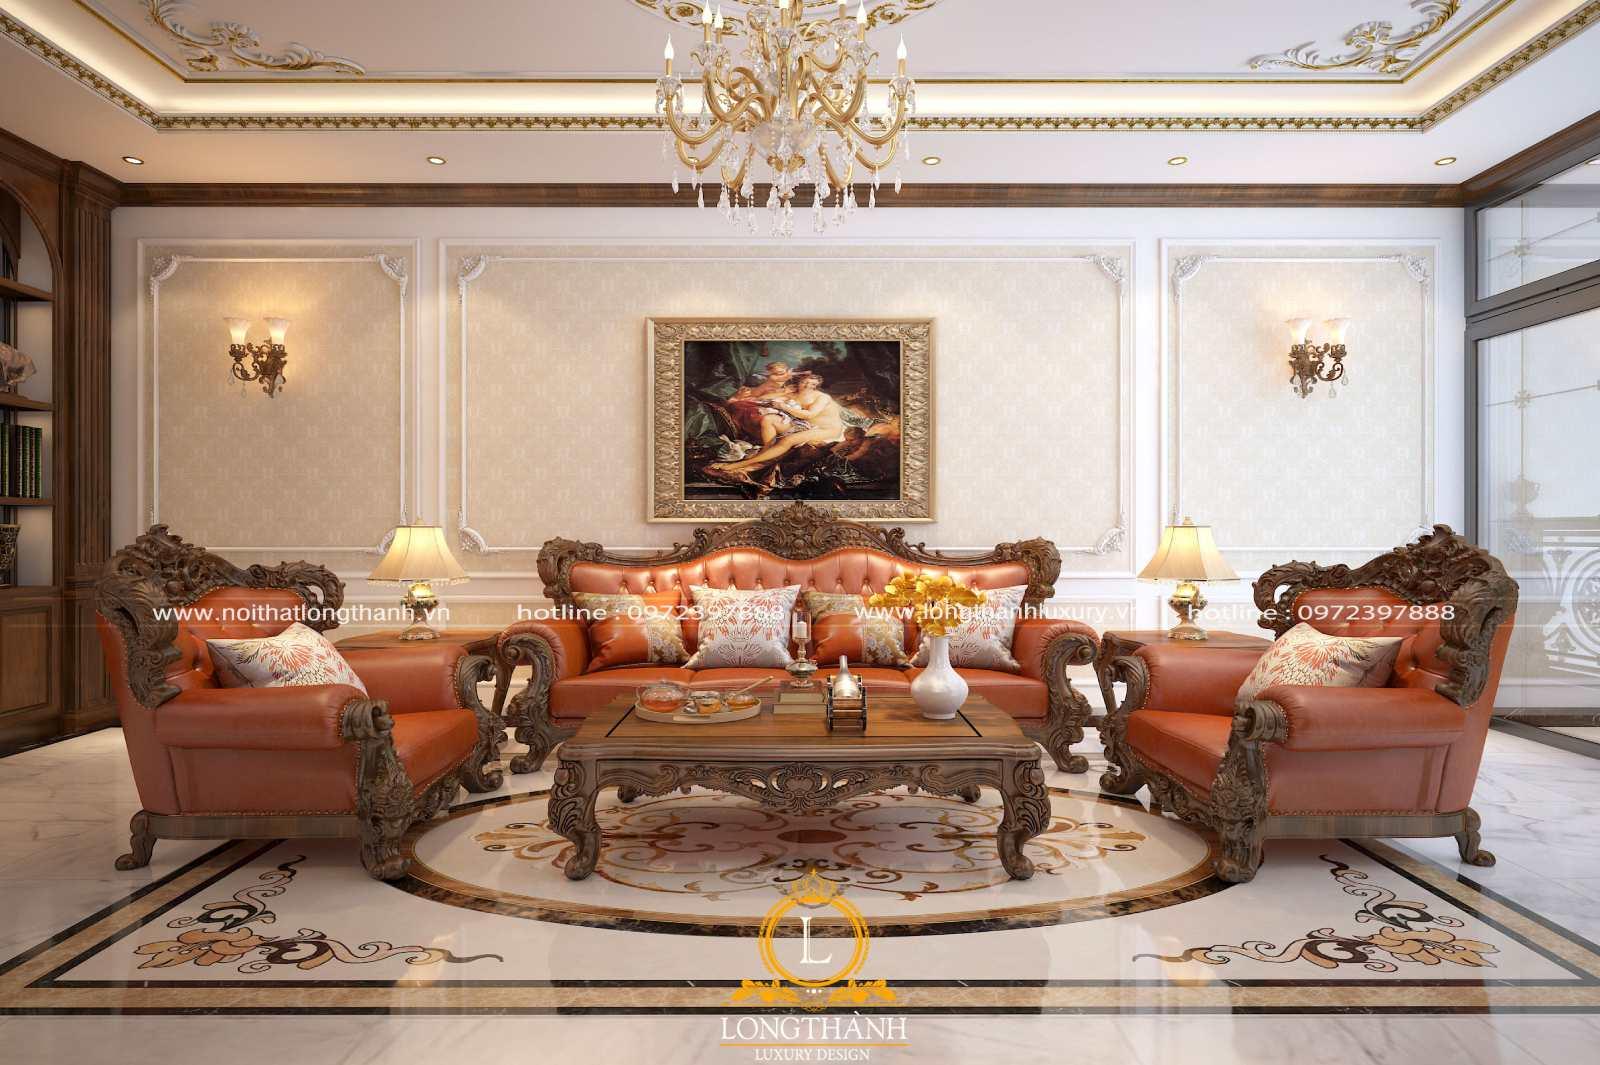 Sofa phòng khách làm từ gỗ tự nhiên và da cao cấp